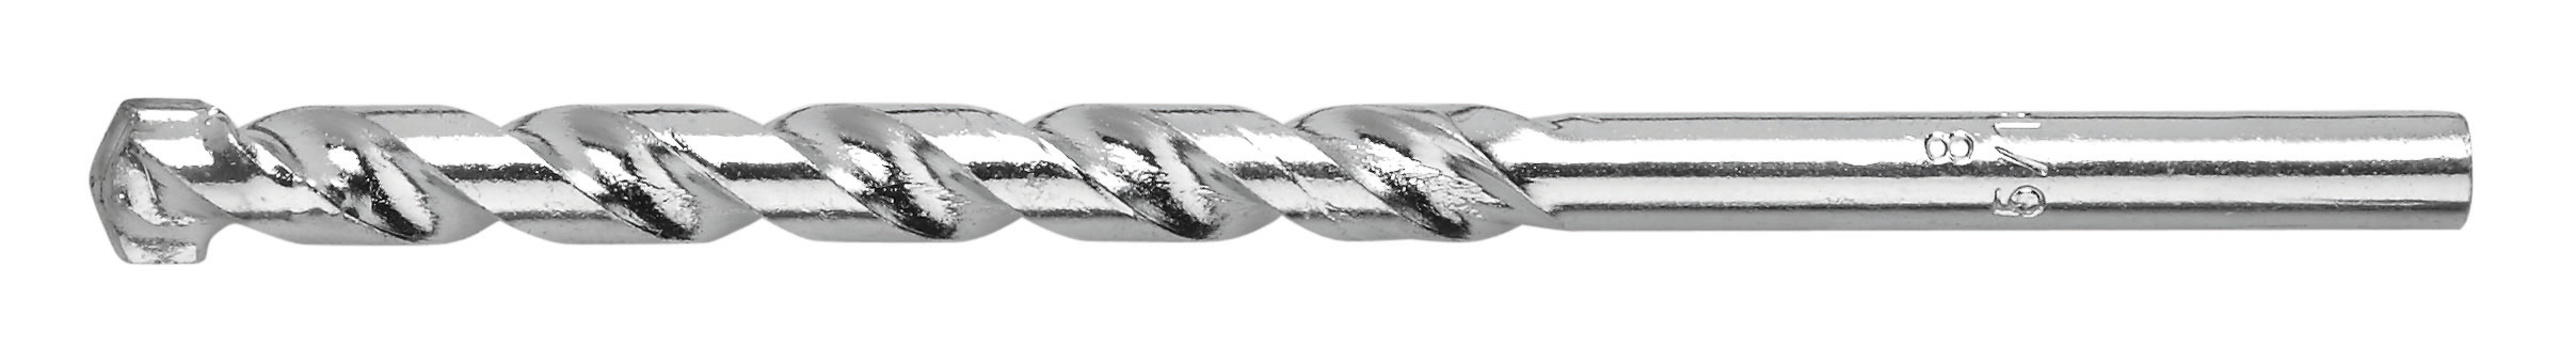 <br/>wiertło do kamienia 8 mm